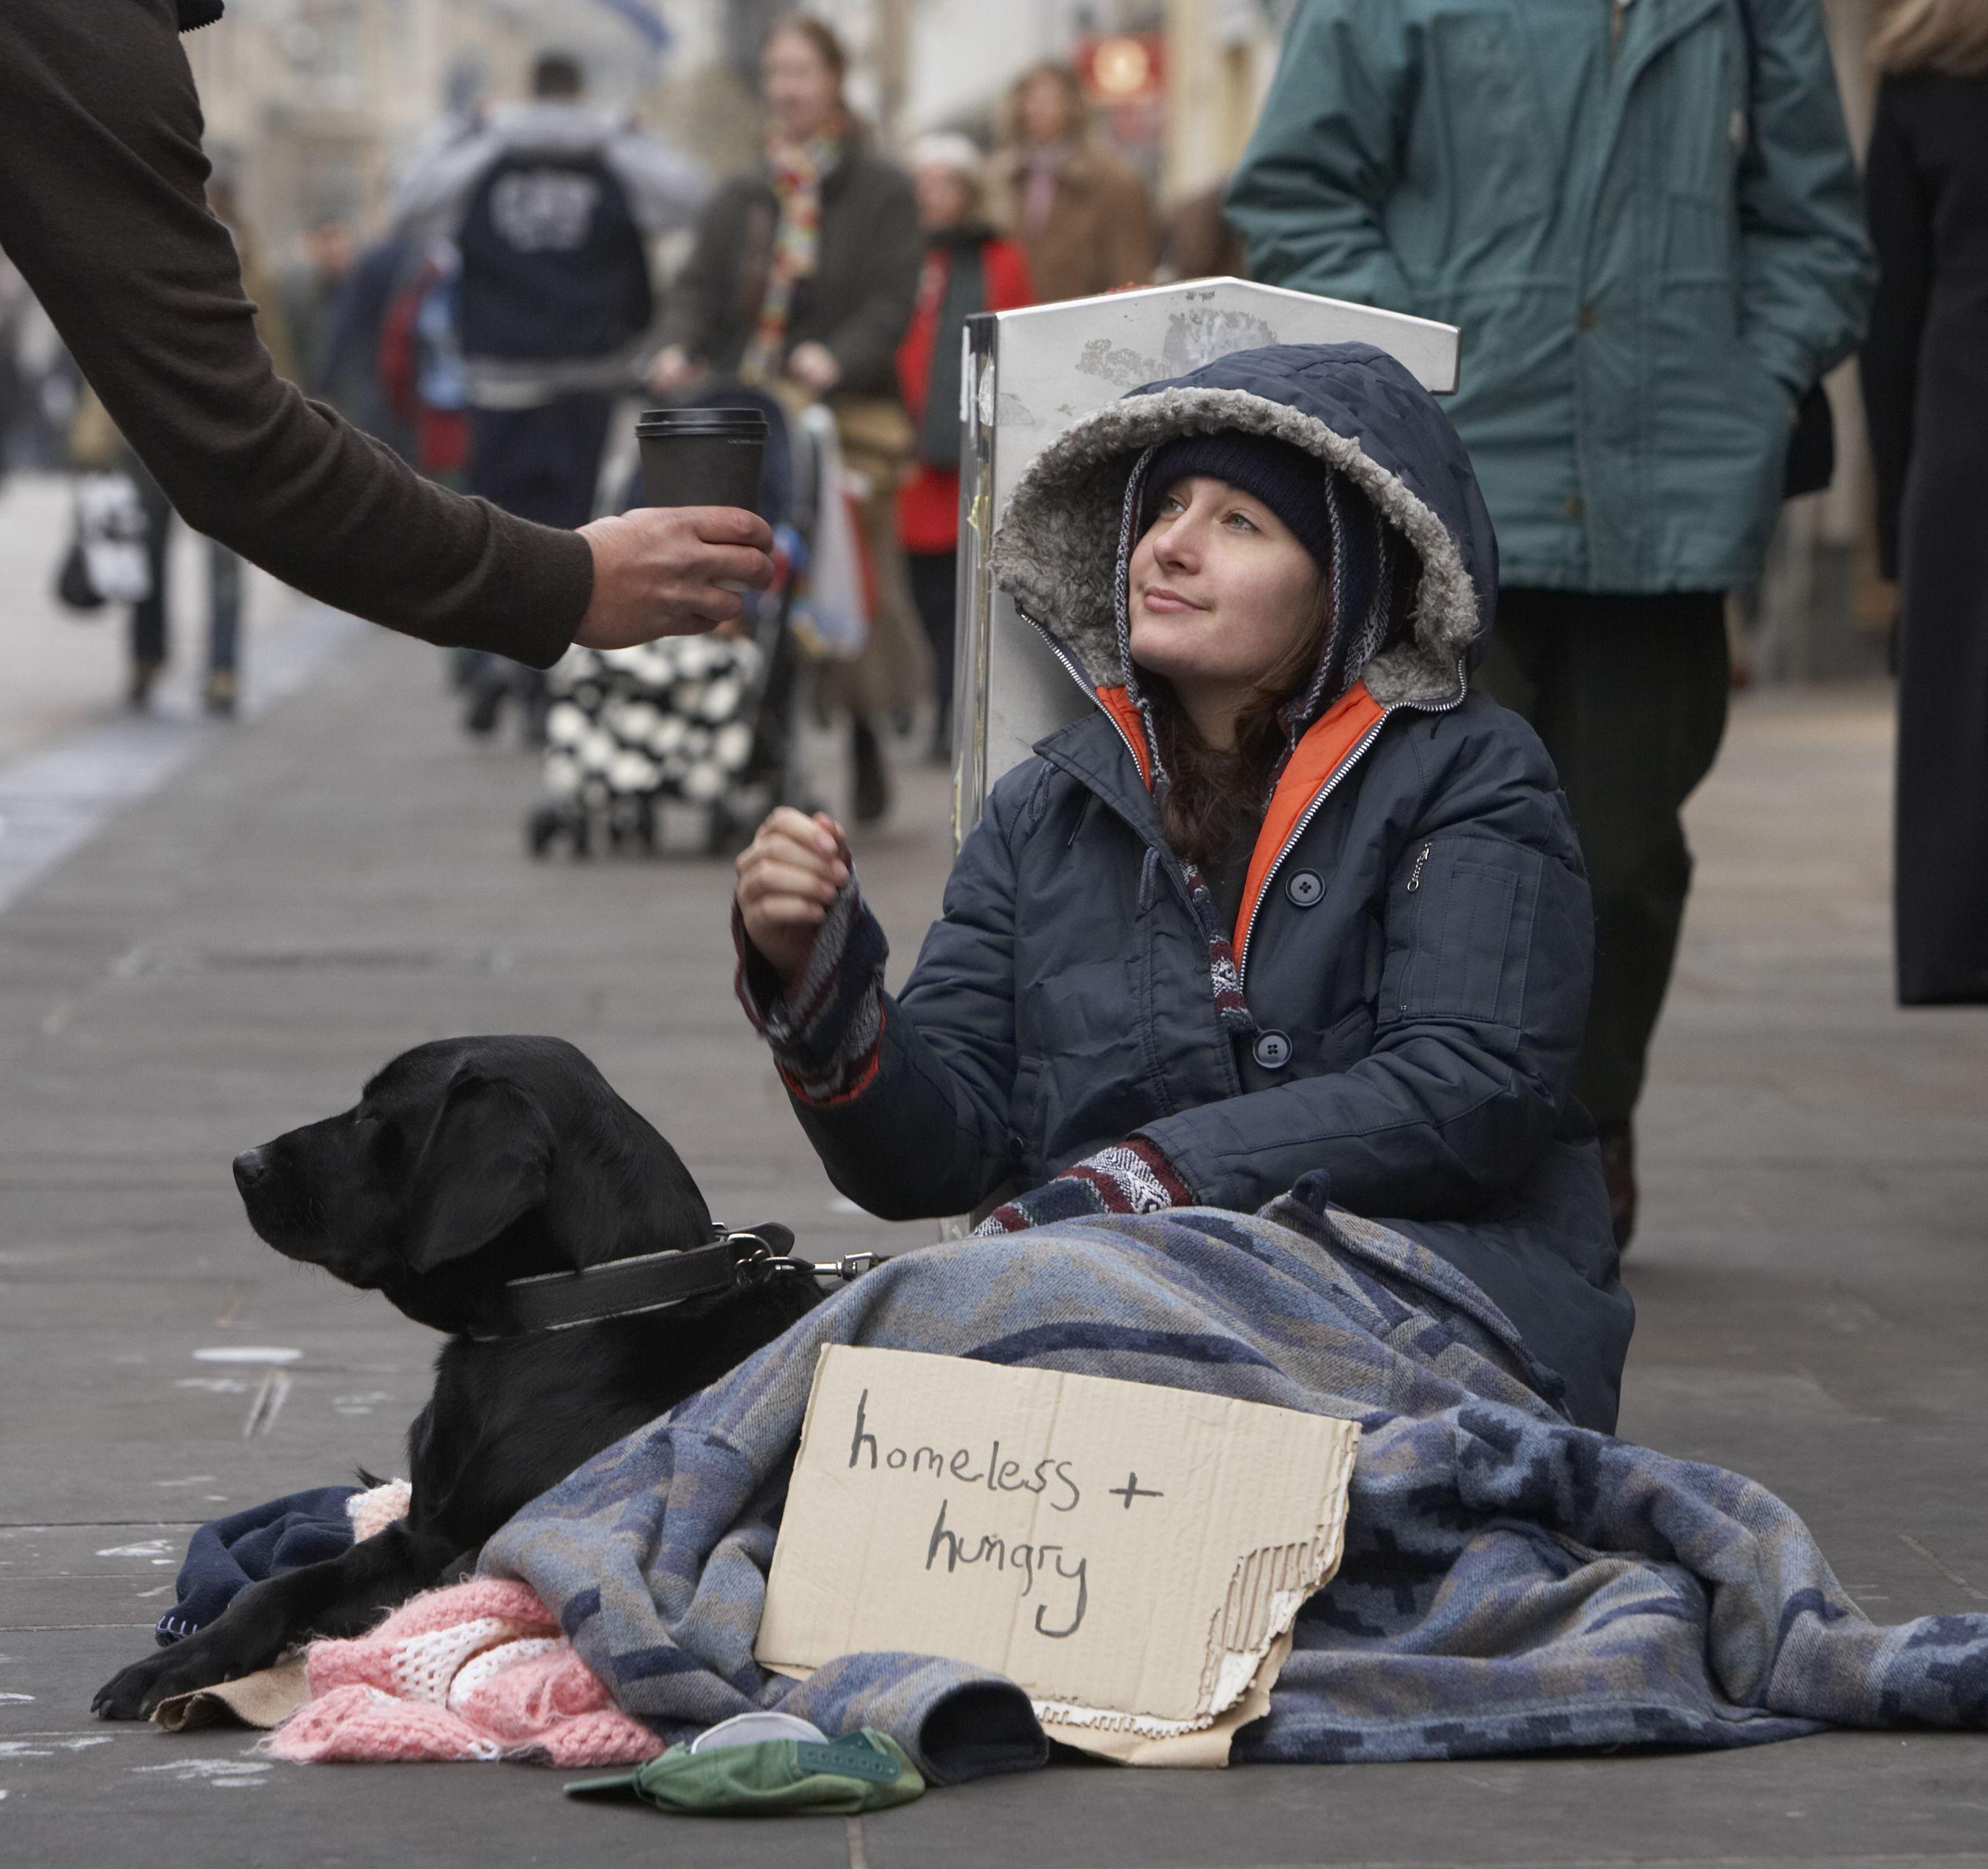 Index - Belföld - Megkedvelték a lakók a hajléktalant, ingatlant vennének neki